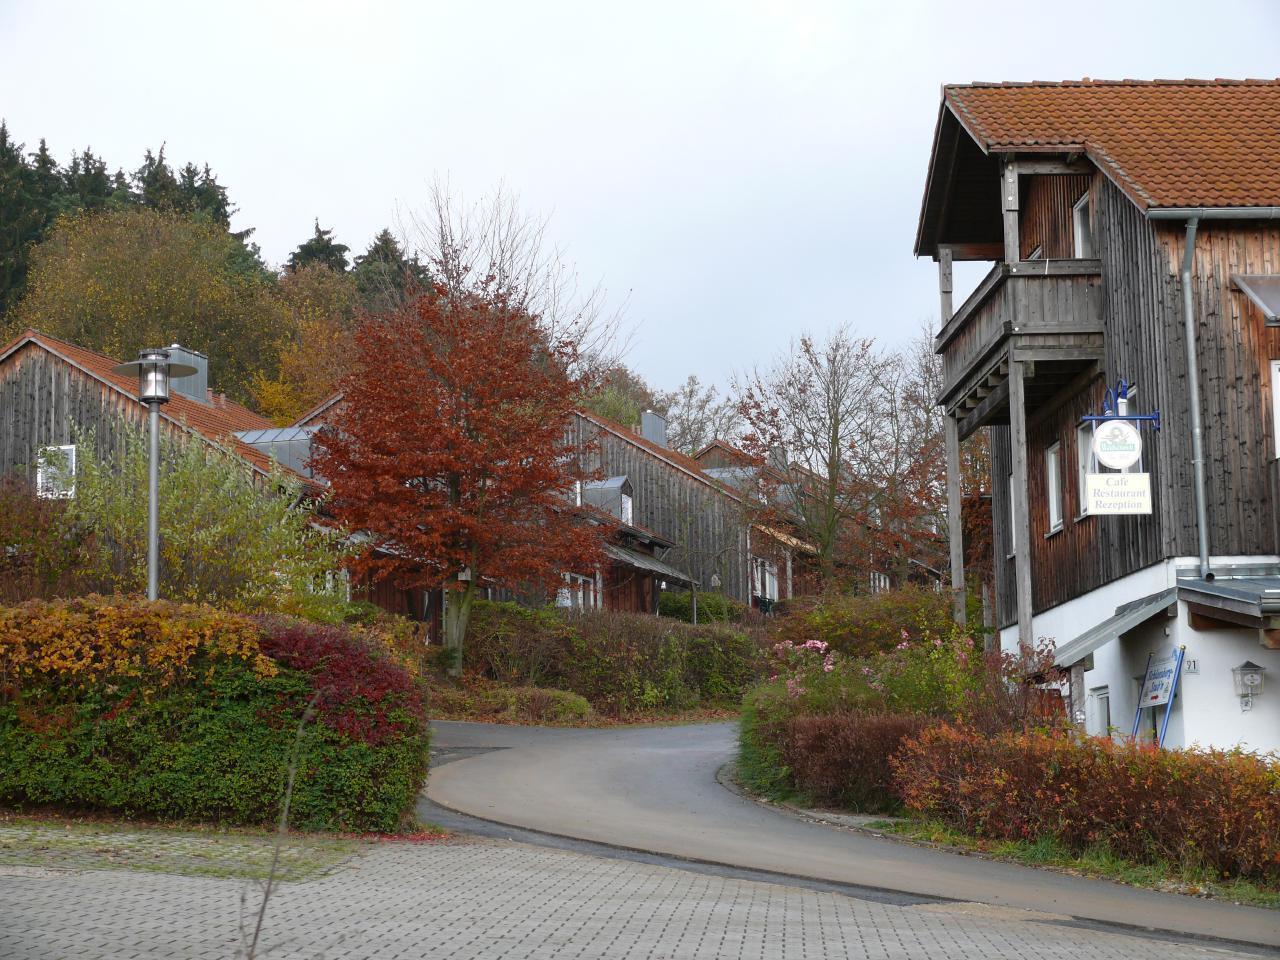 Ferienhaus Bärbel am Schlossberg; jetzt incl. Heizung, Strom, Wasser, Müll, WLAN und 2. Fernseher* (402830), Zandt, Bayerischer Wald, Bayern, Deutschland, Bild 17